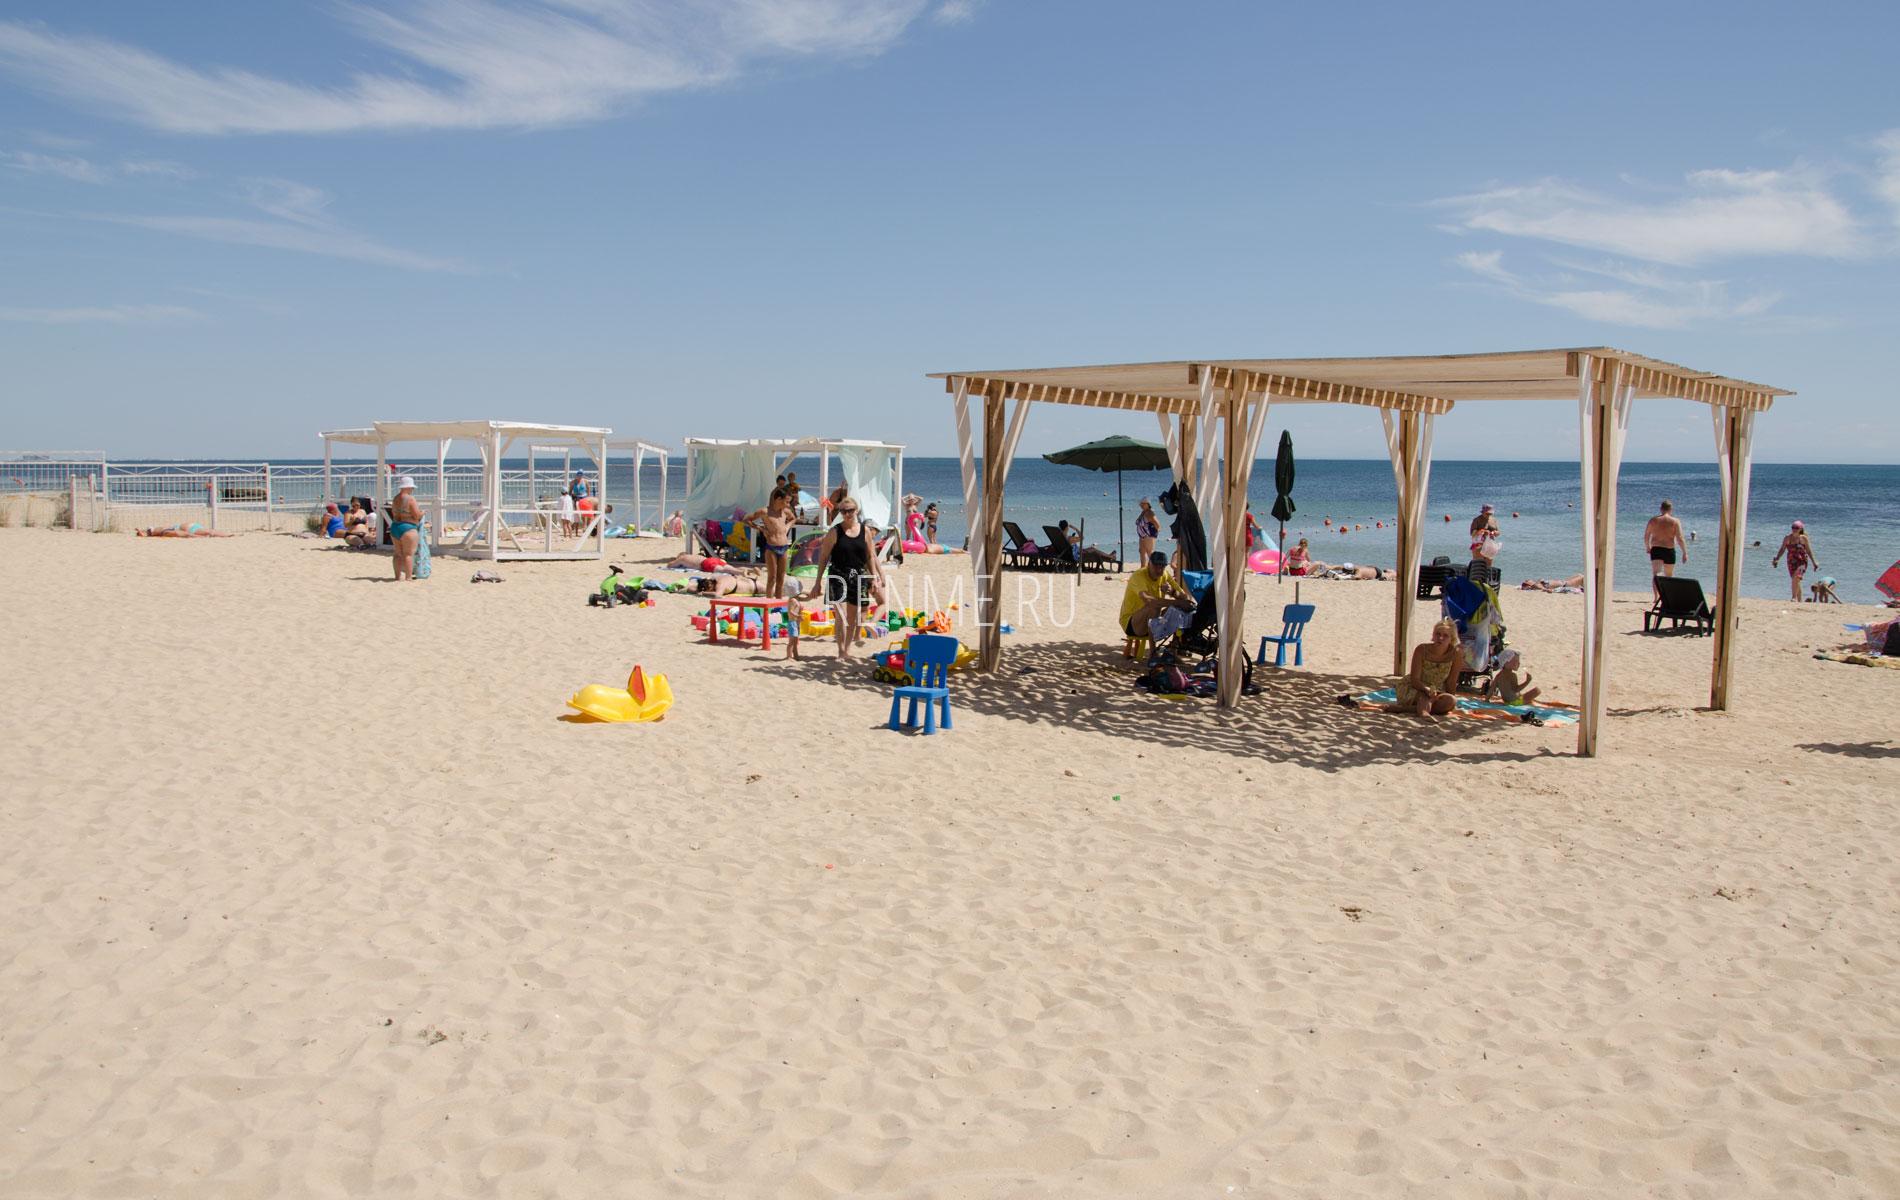 Август. Песчаный пляж в Крыму. Фото Заозёрного